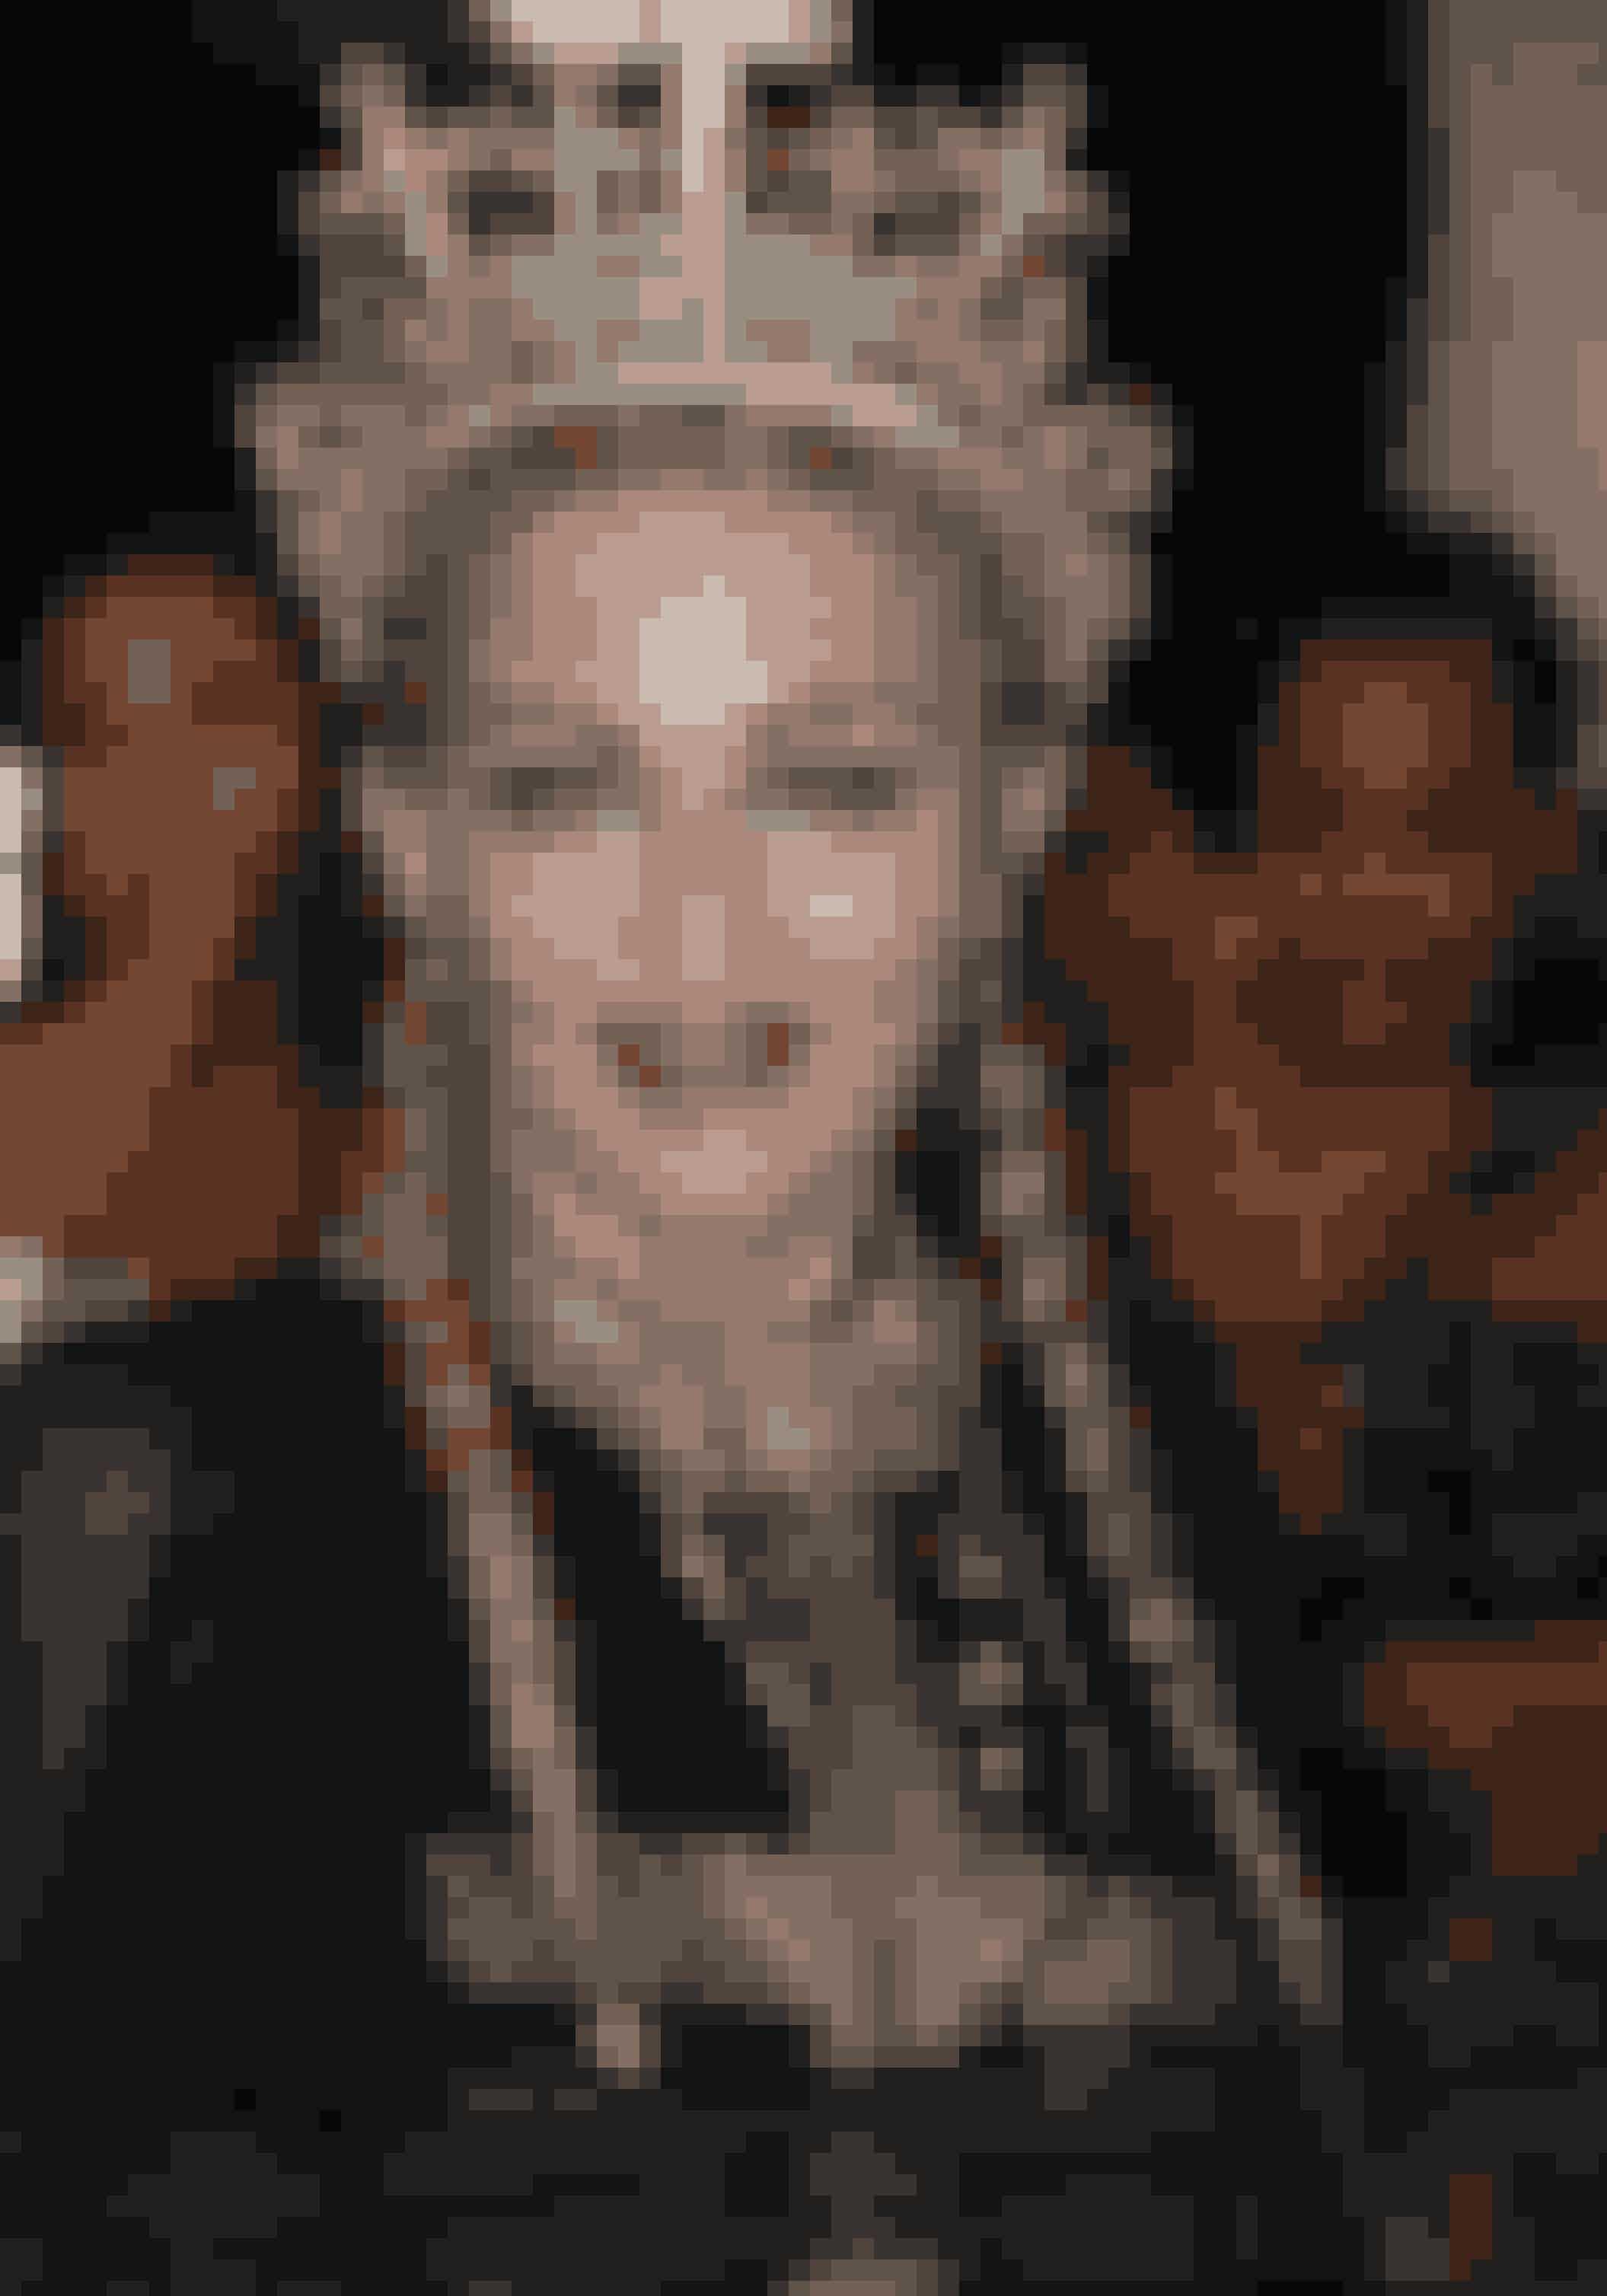 Madonna har ofte inddraget religiøse symboler i hendes påklædning, og i aften var ingen undtagelse. Make-uppen var nærmest ikke til at spotte bag det sorte slør og den iøjefaldende krone.